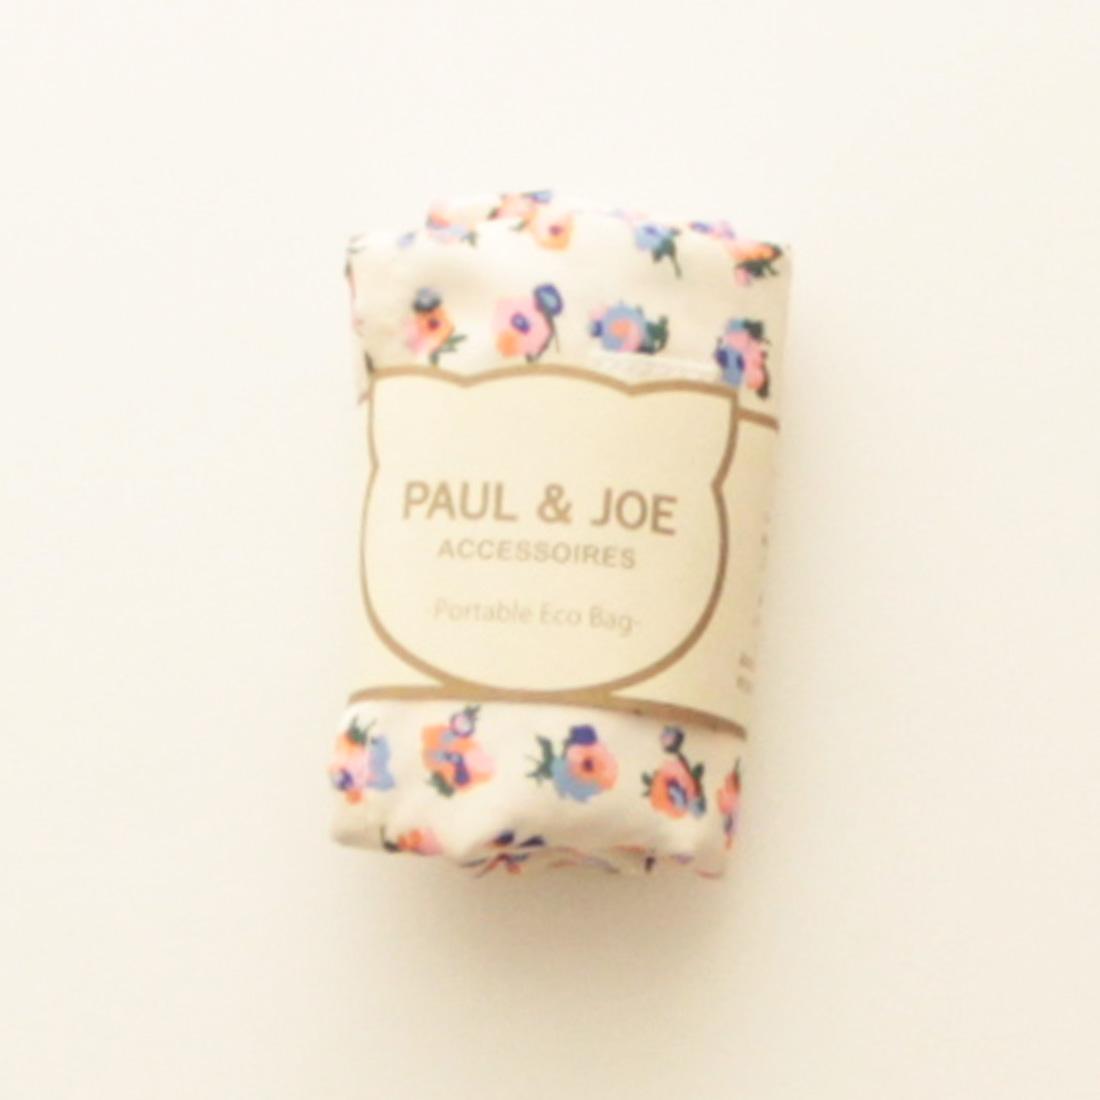 ポール&ジョー アクセソワ エコバッグ/マイバッグ 1211  アイボリー 【PAUL&JOE】